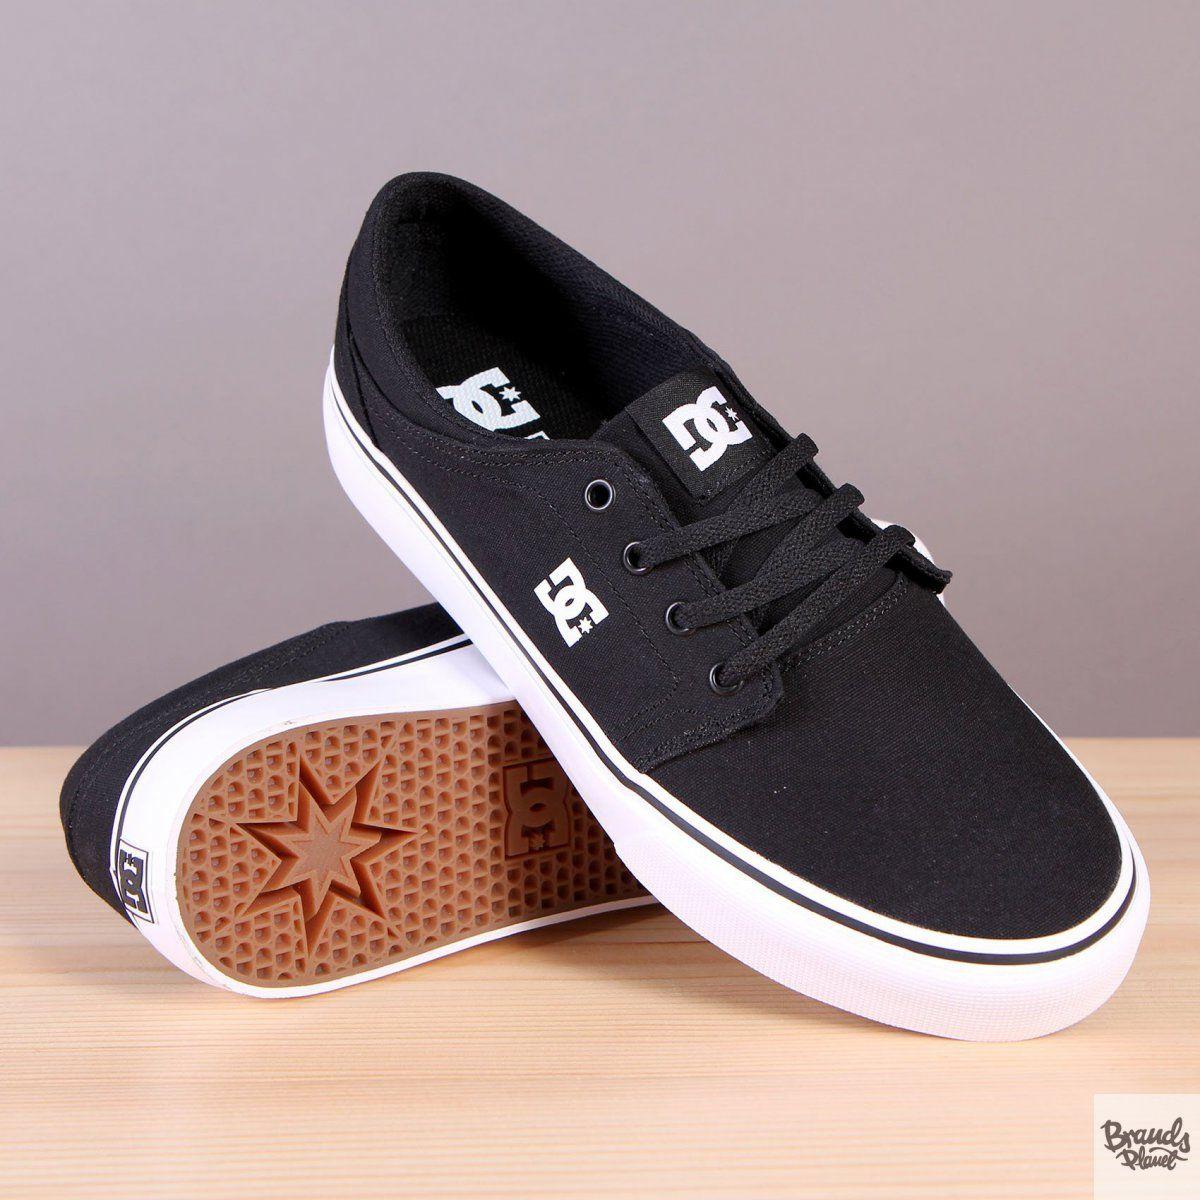 Chaussures Urbaines Cc Noir Chaussures Pour Les Hommes Urbains D'hiver cFsr8ygZ